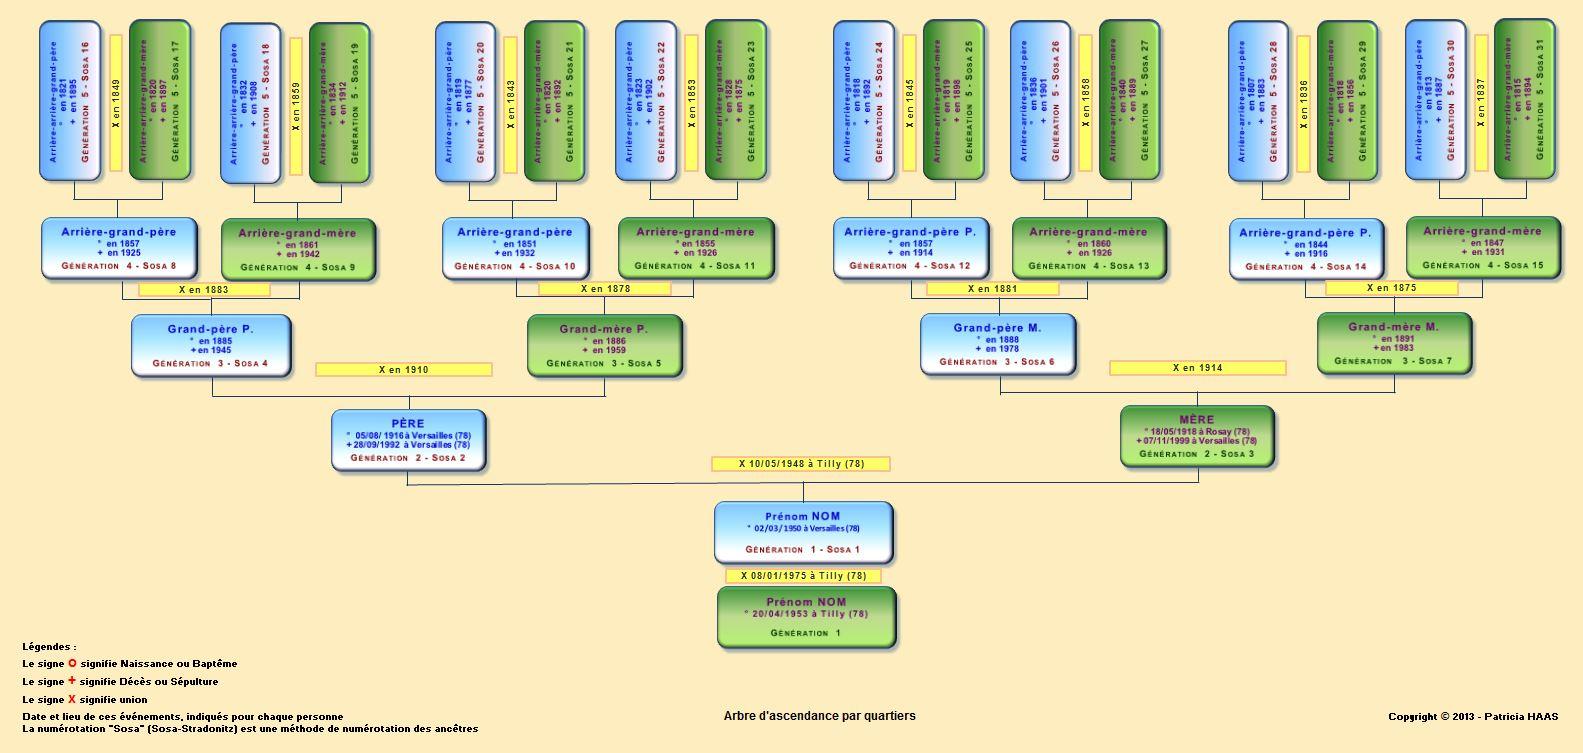 Arbres Genealogiques Ascendance Et Descendance